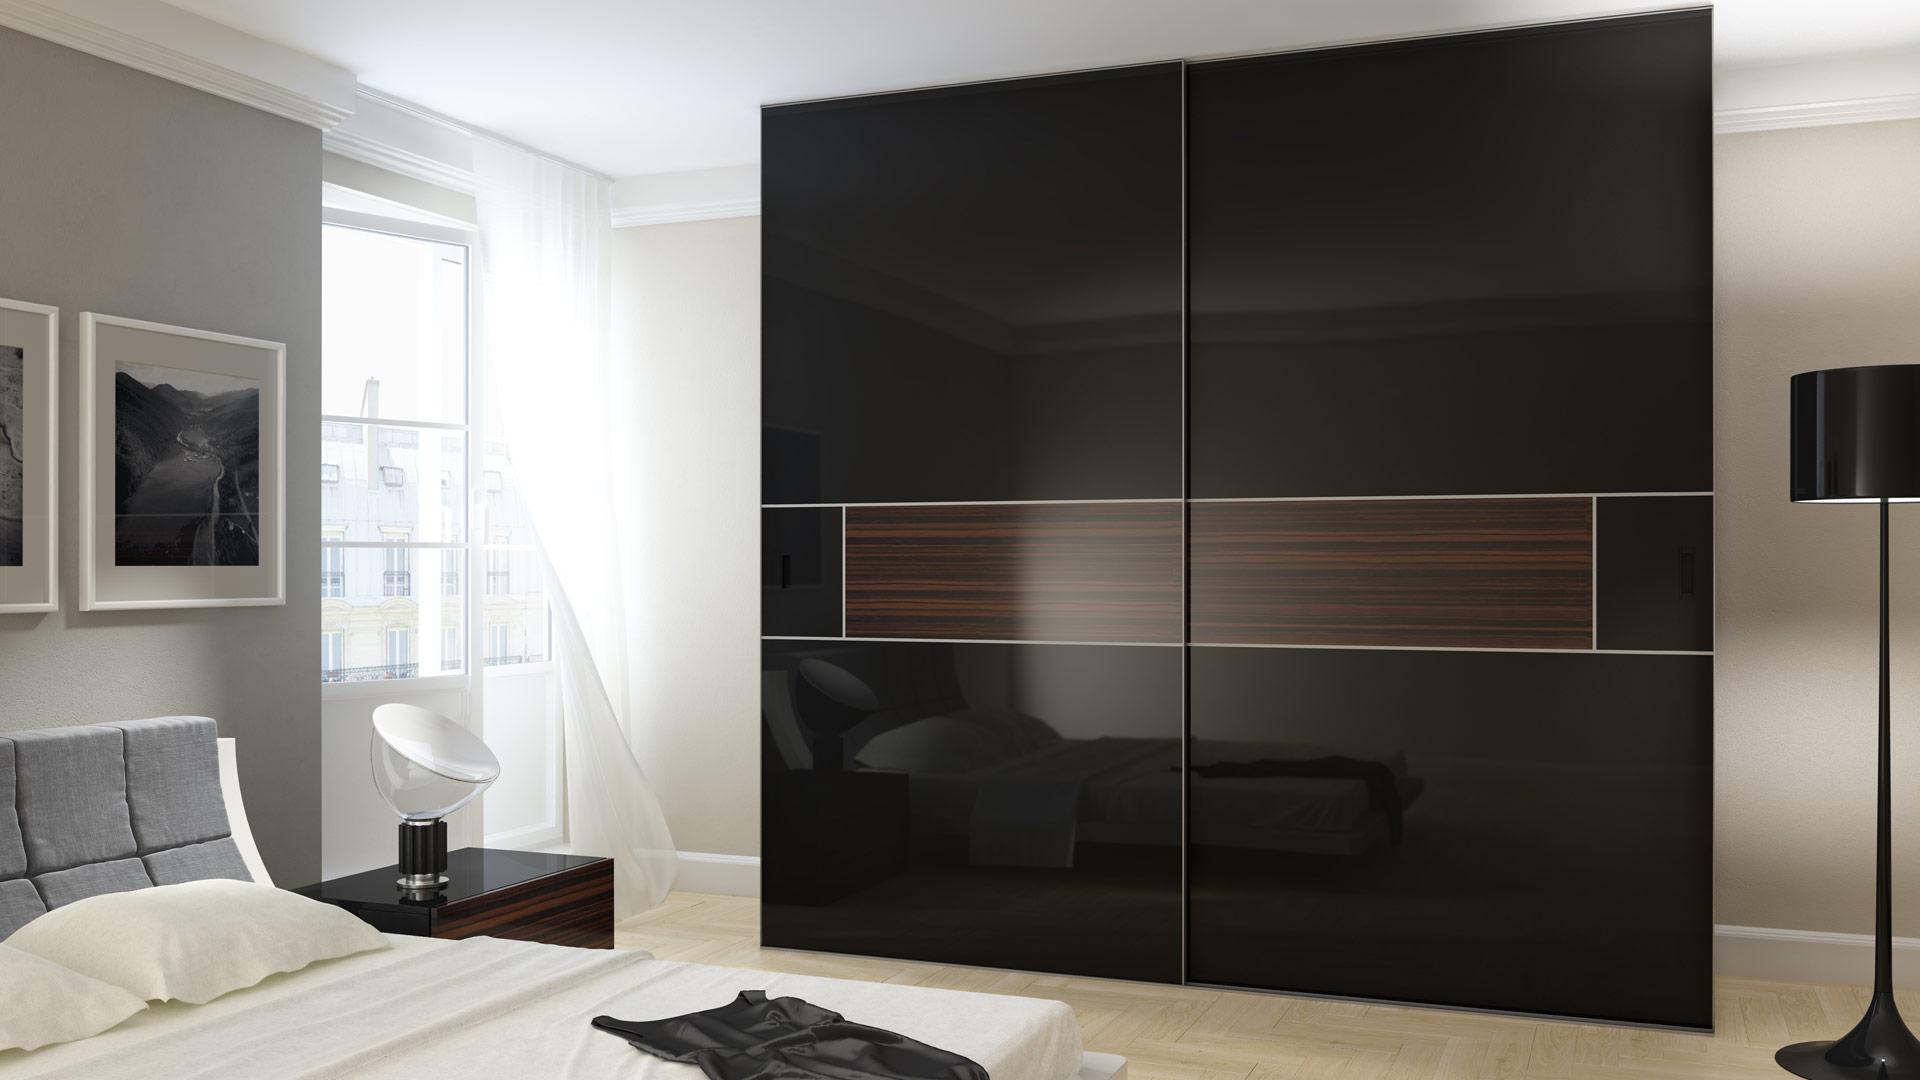 delta arsnova wohn design blau. Black Bedroom Furniture Sets. Home Design Ideas